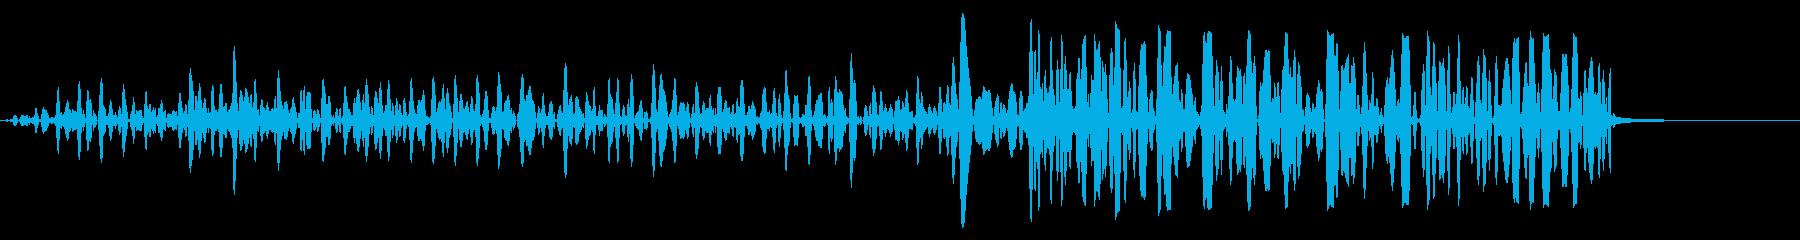 静的ヒットの再生済みの波形